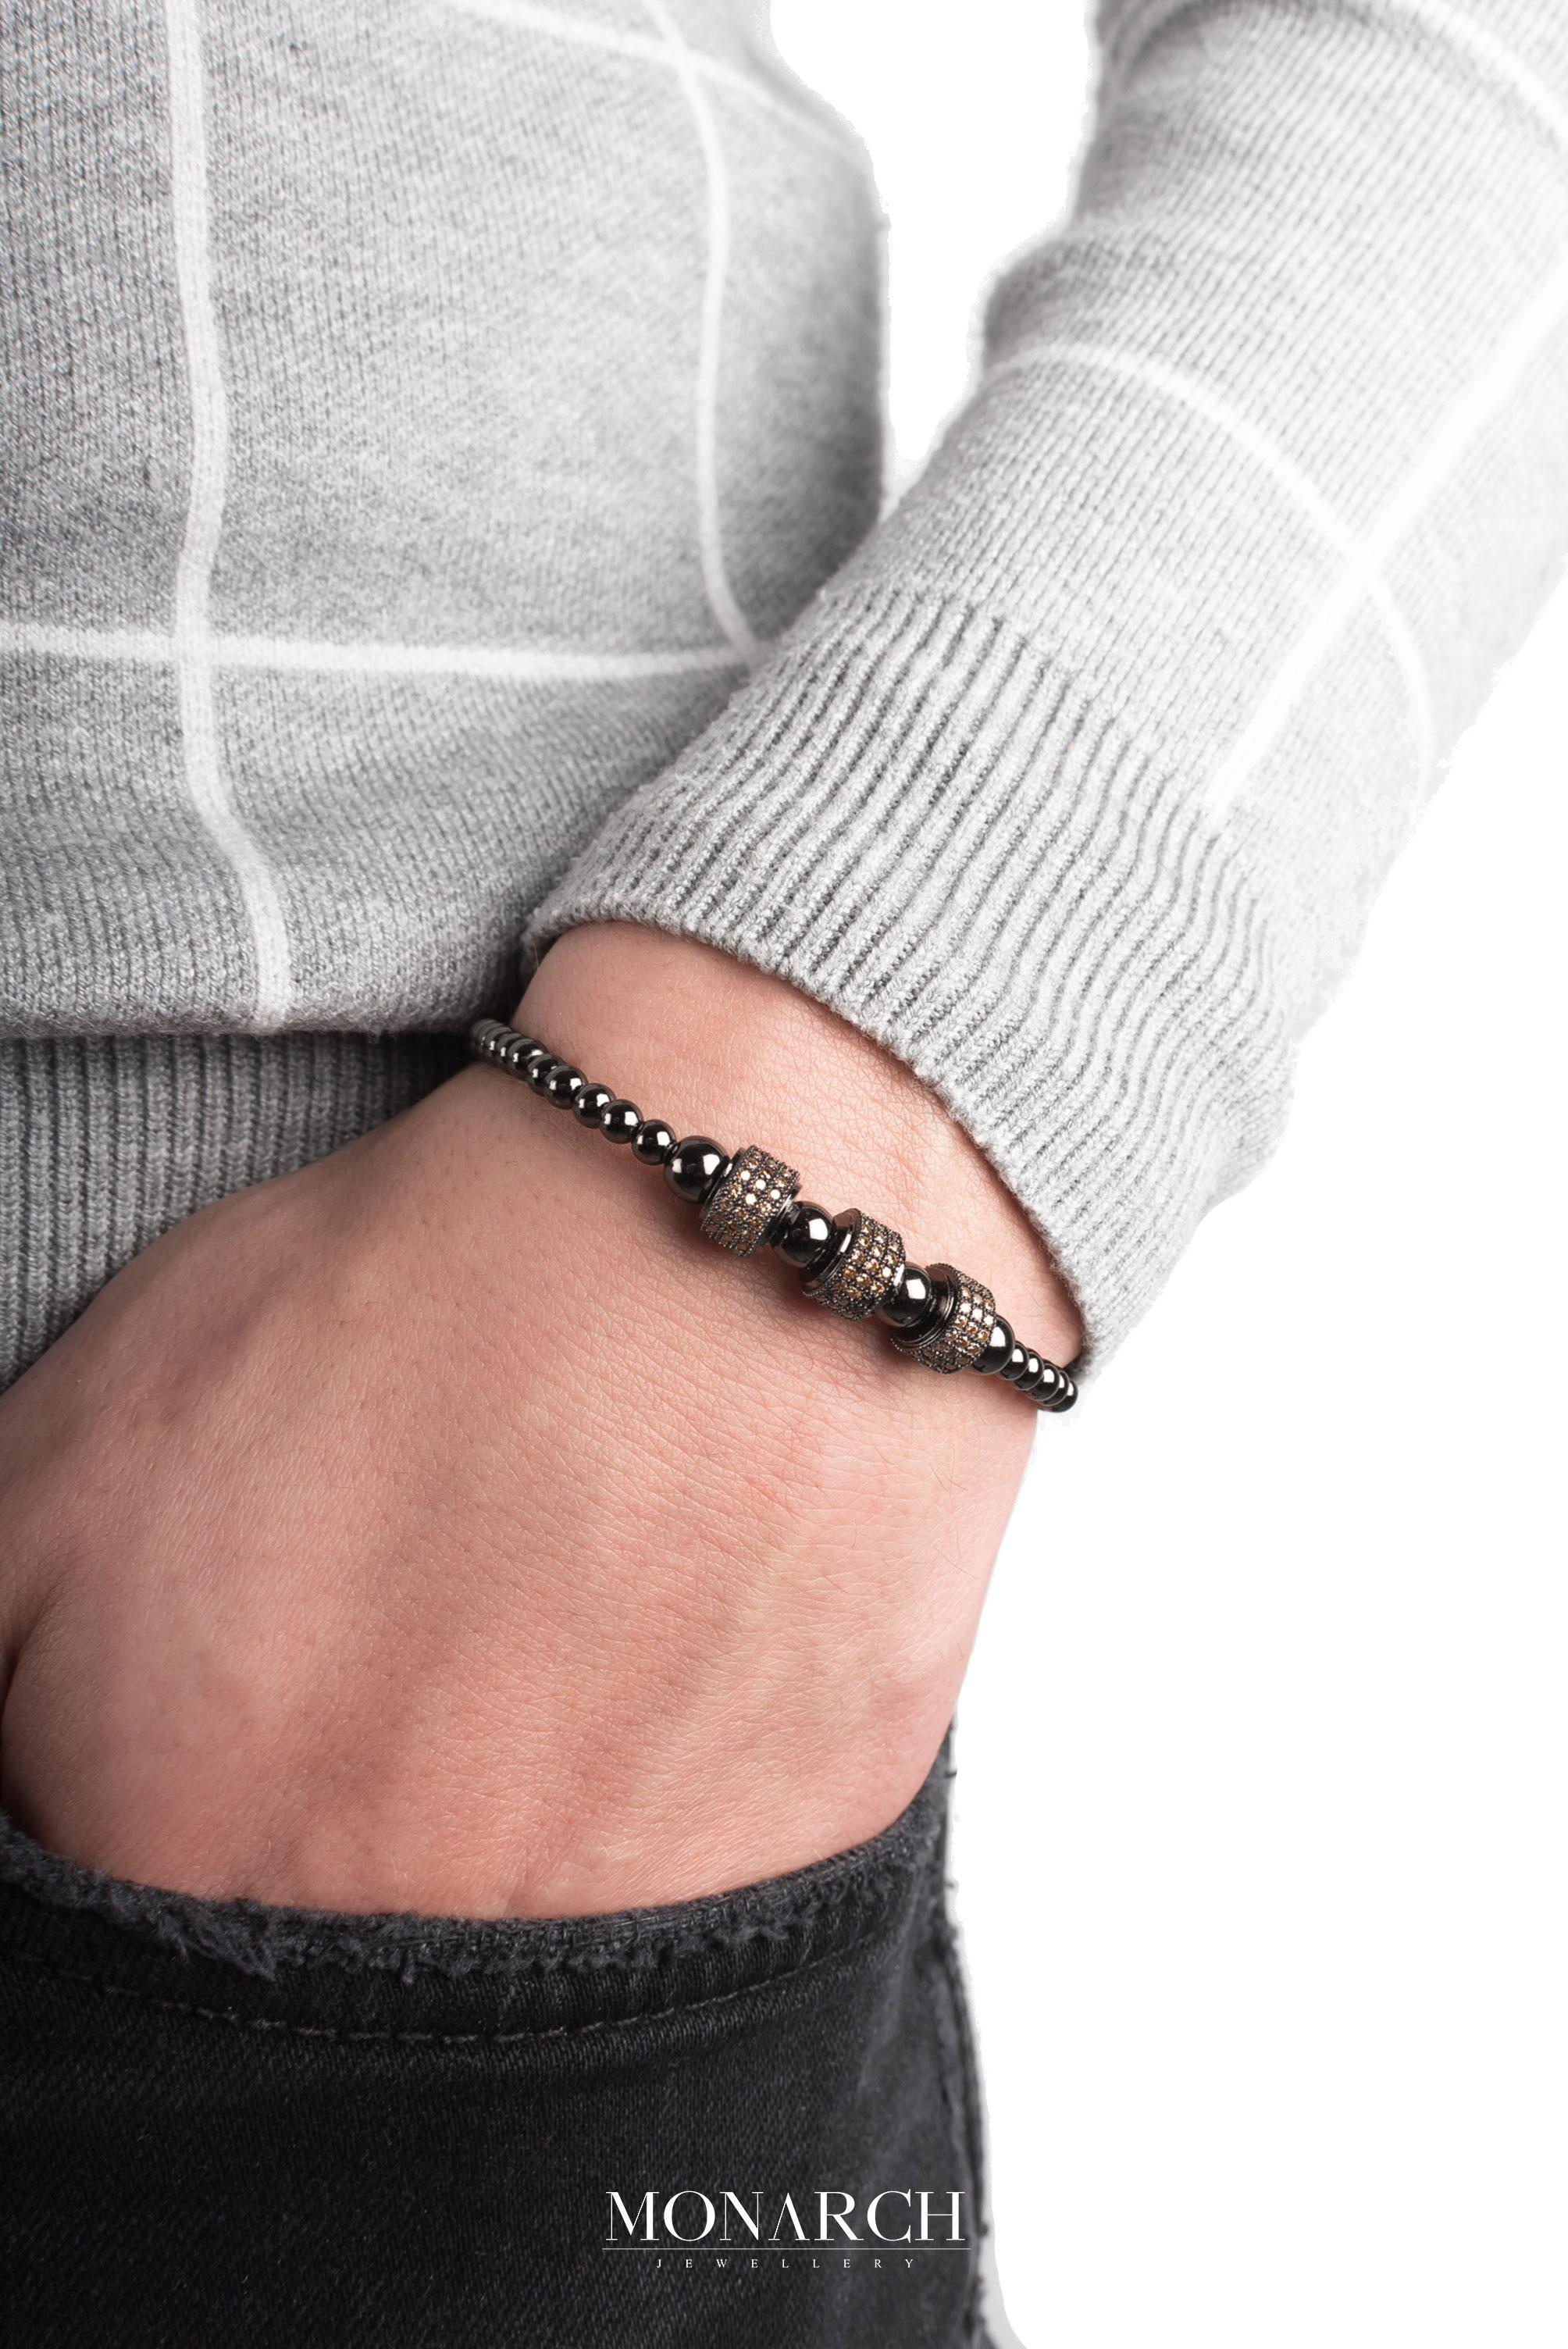 black luxury bracelet for man, monarch jewellery MA138NTC